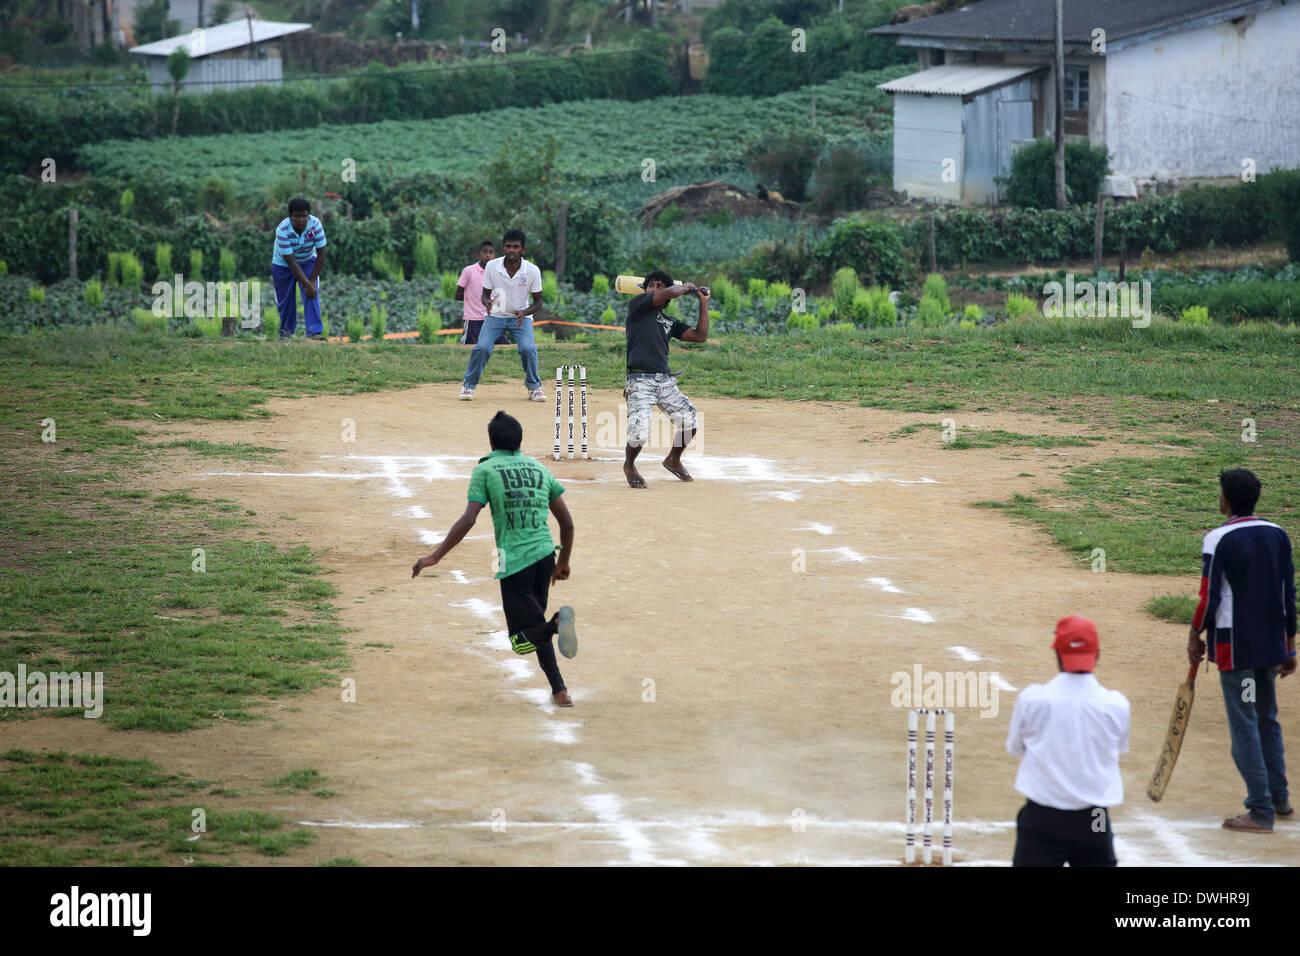 Youth cricket match in Nuwara Eliya - Stock Image